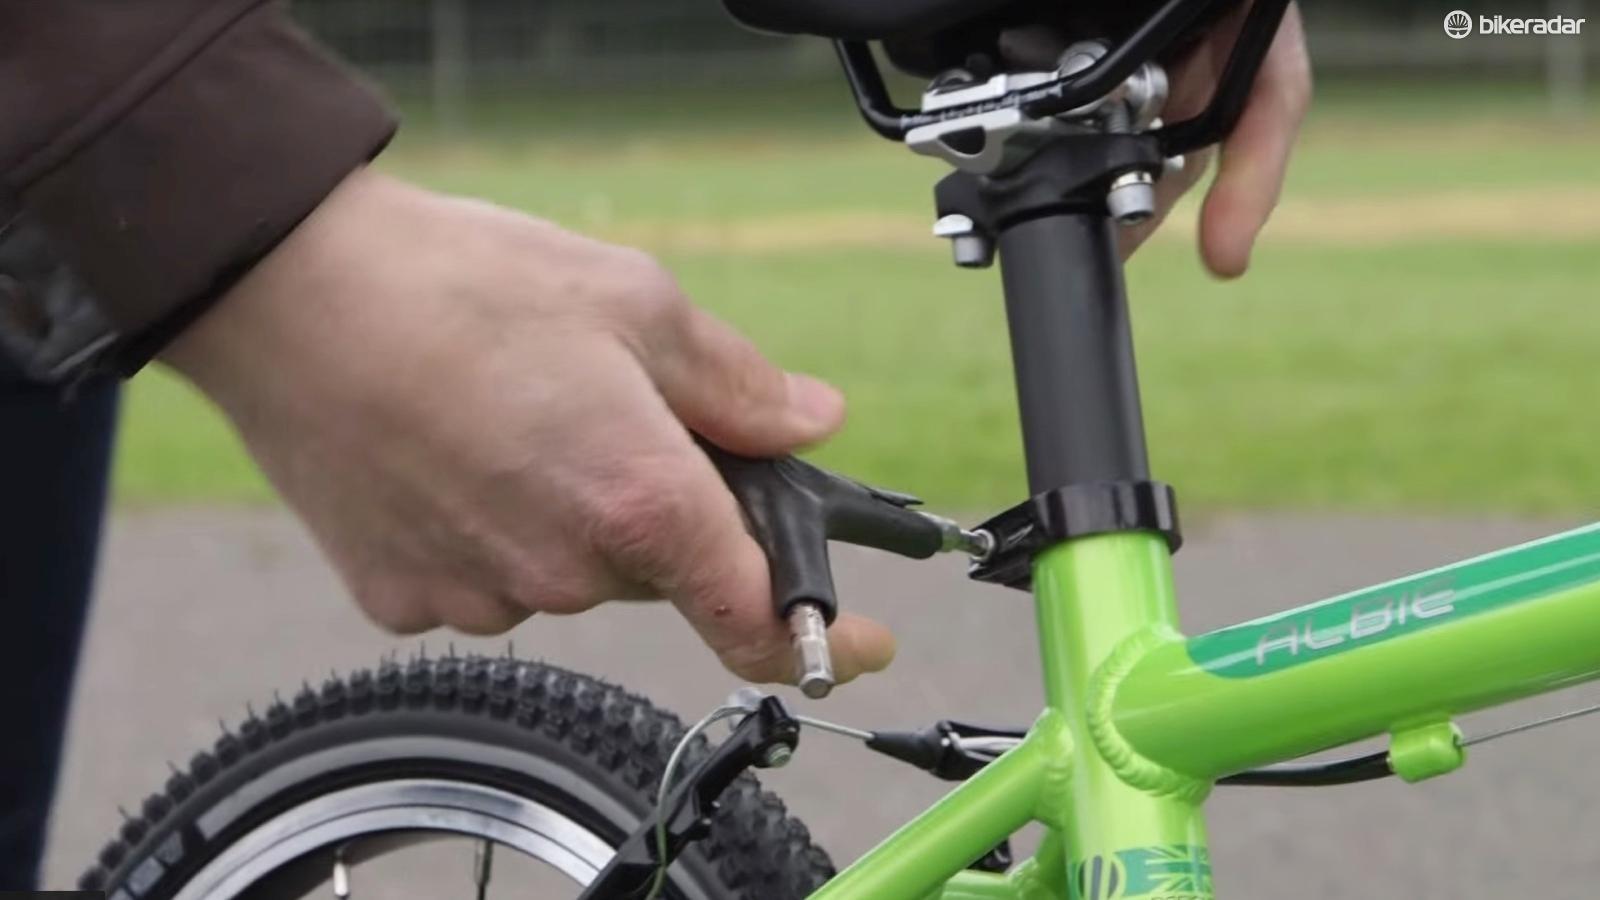 teach-a-child-to-ride-2-1465222734843-1cbzd35xss79z-680f7a4